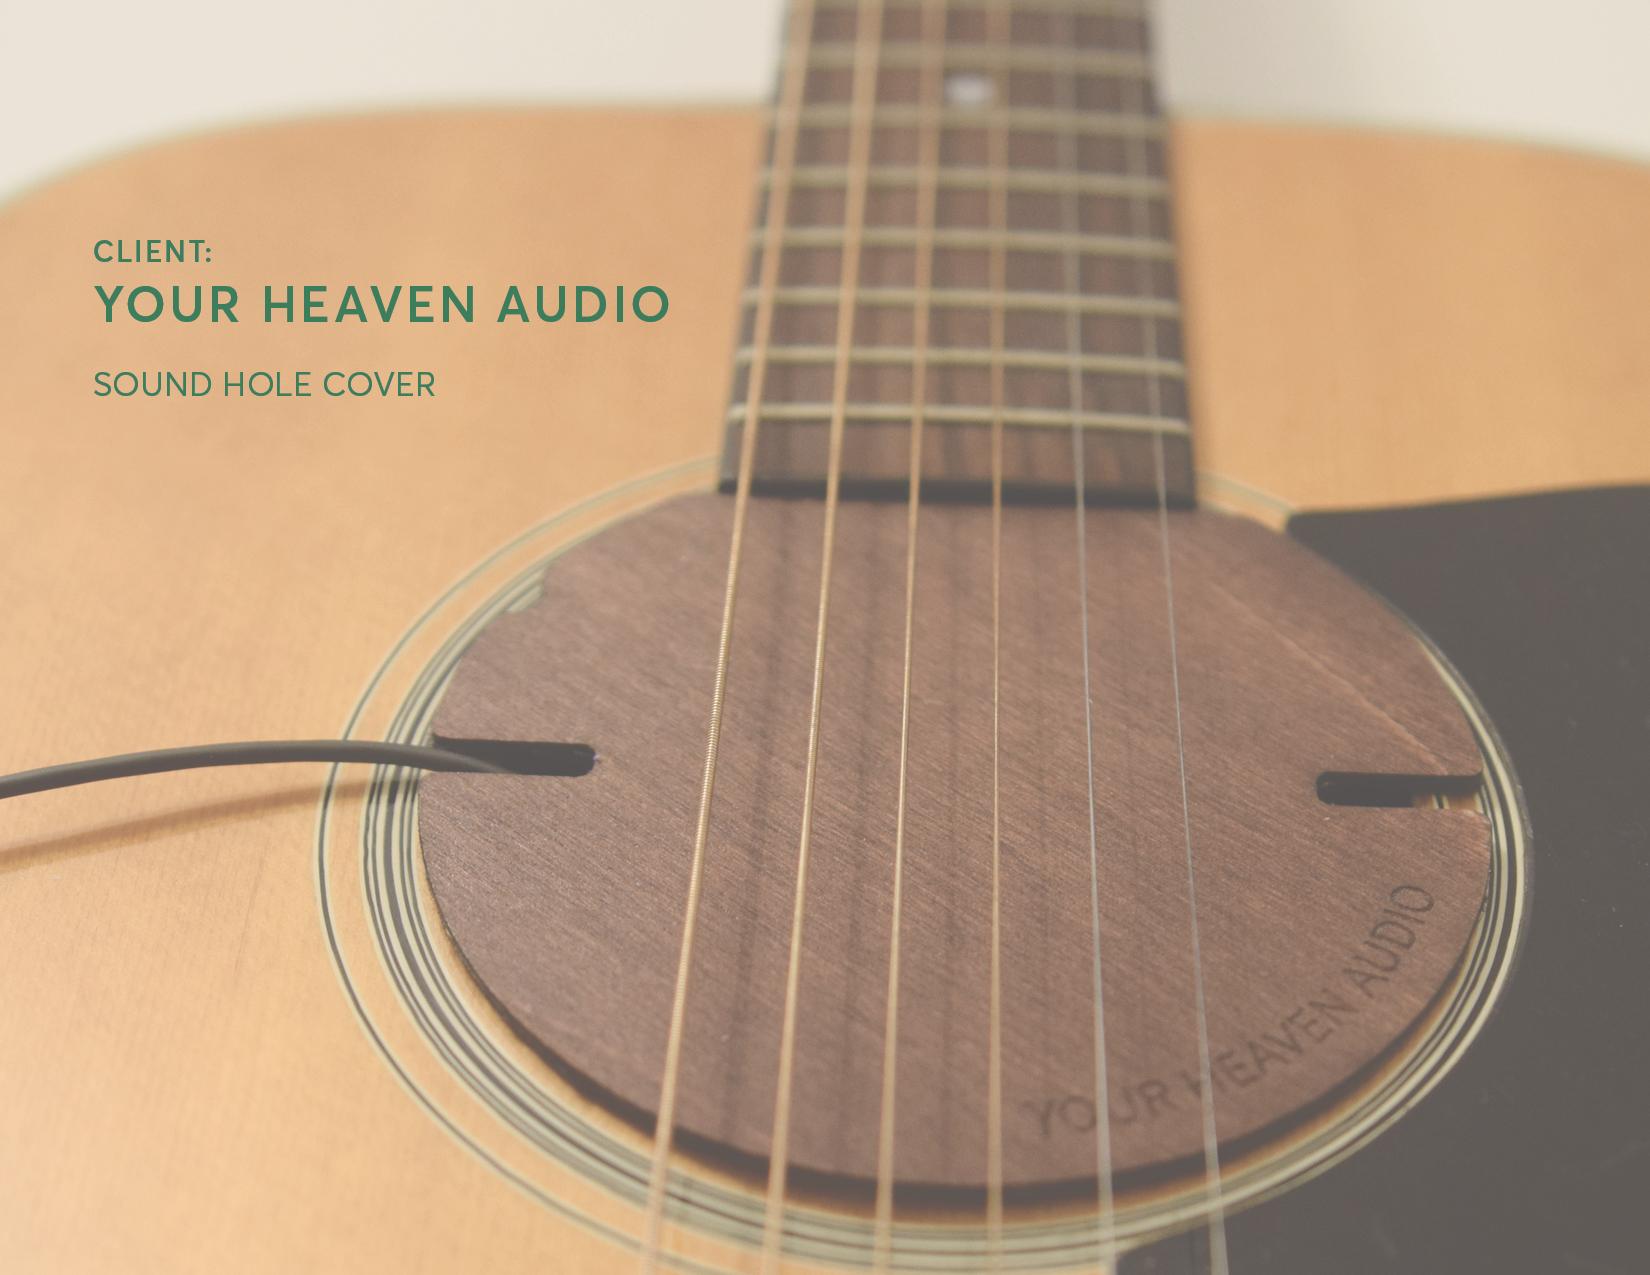 Your heaven design sample.jpg